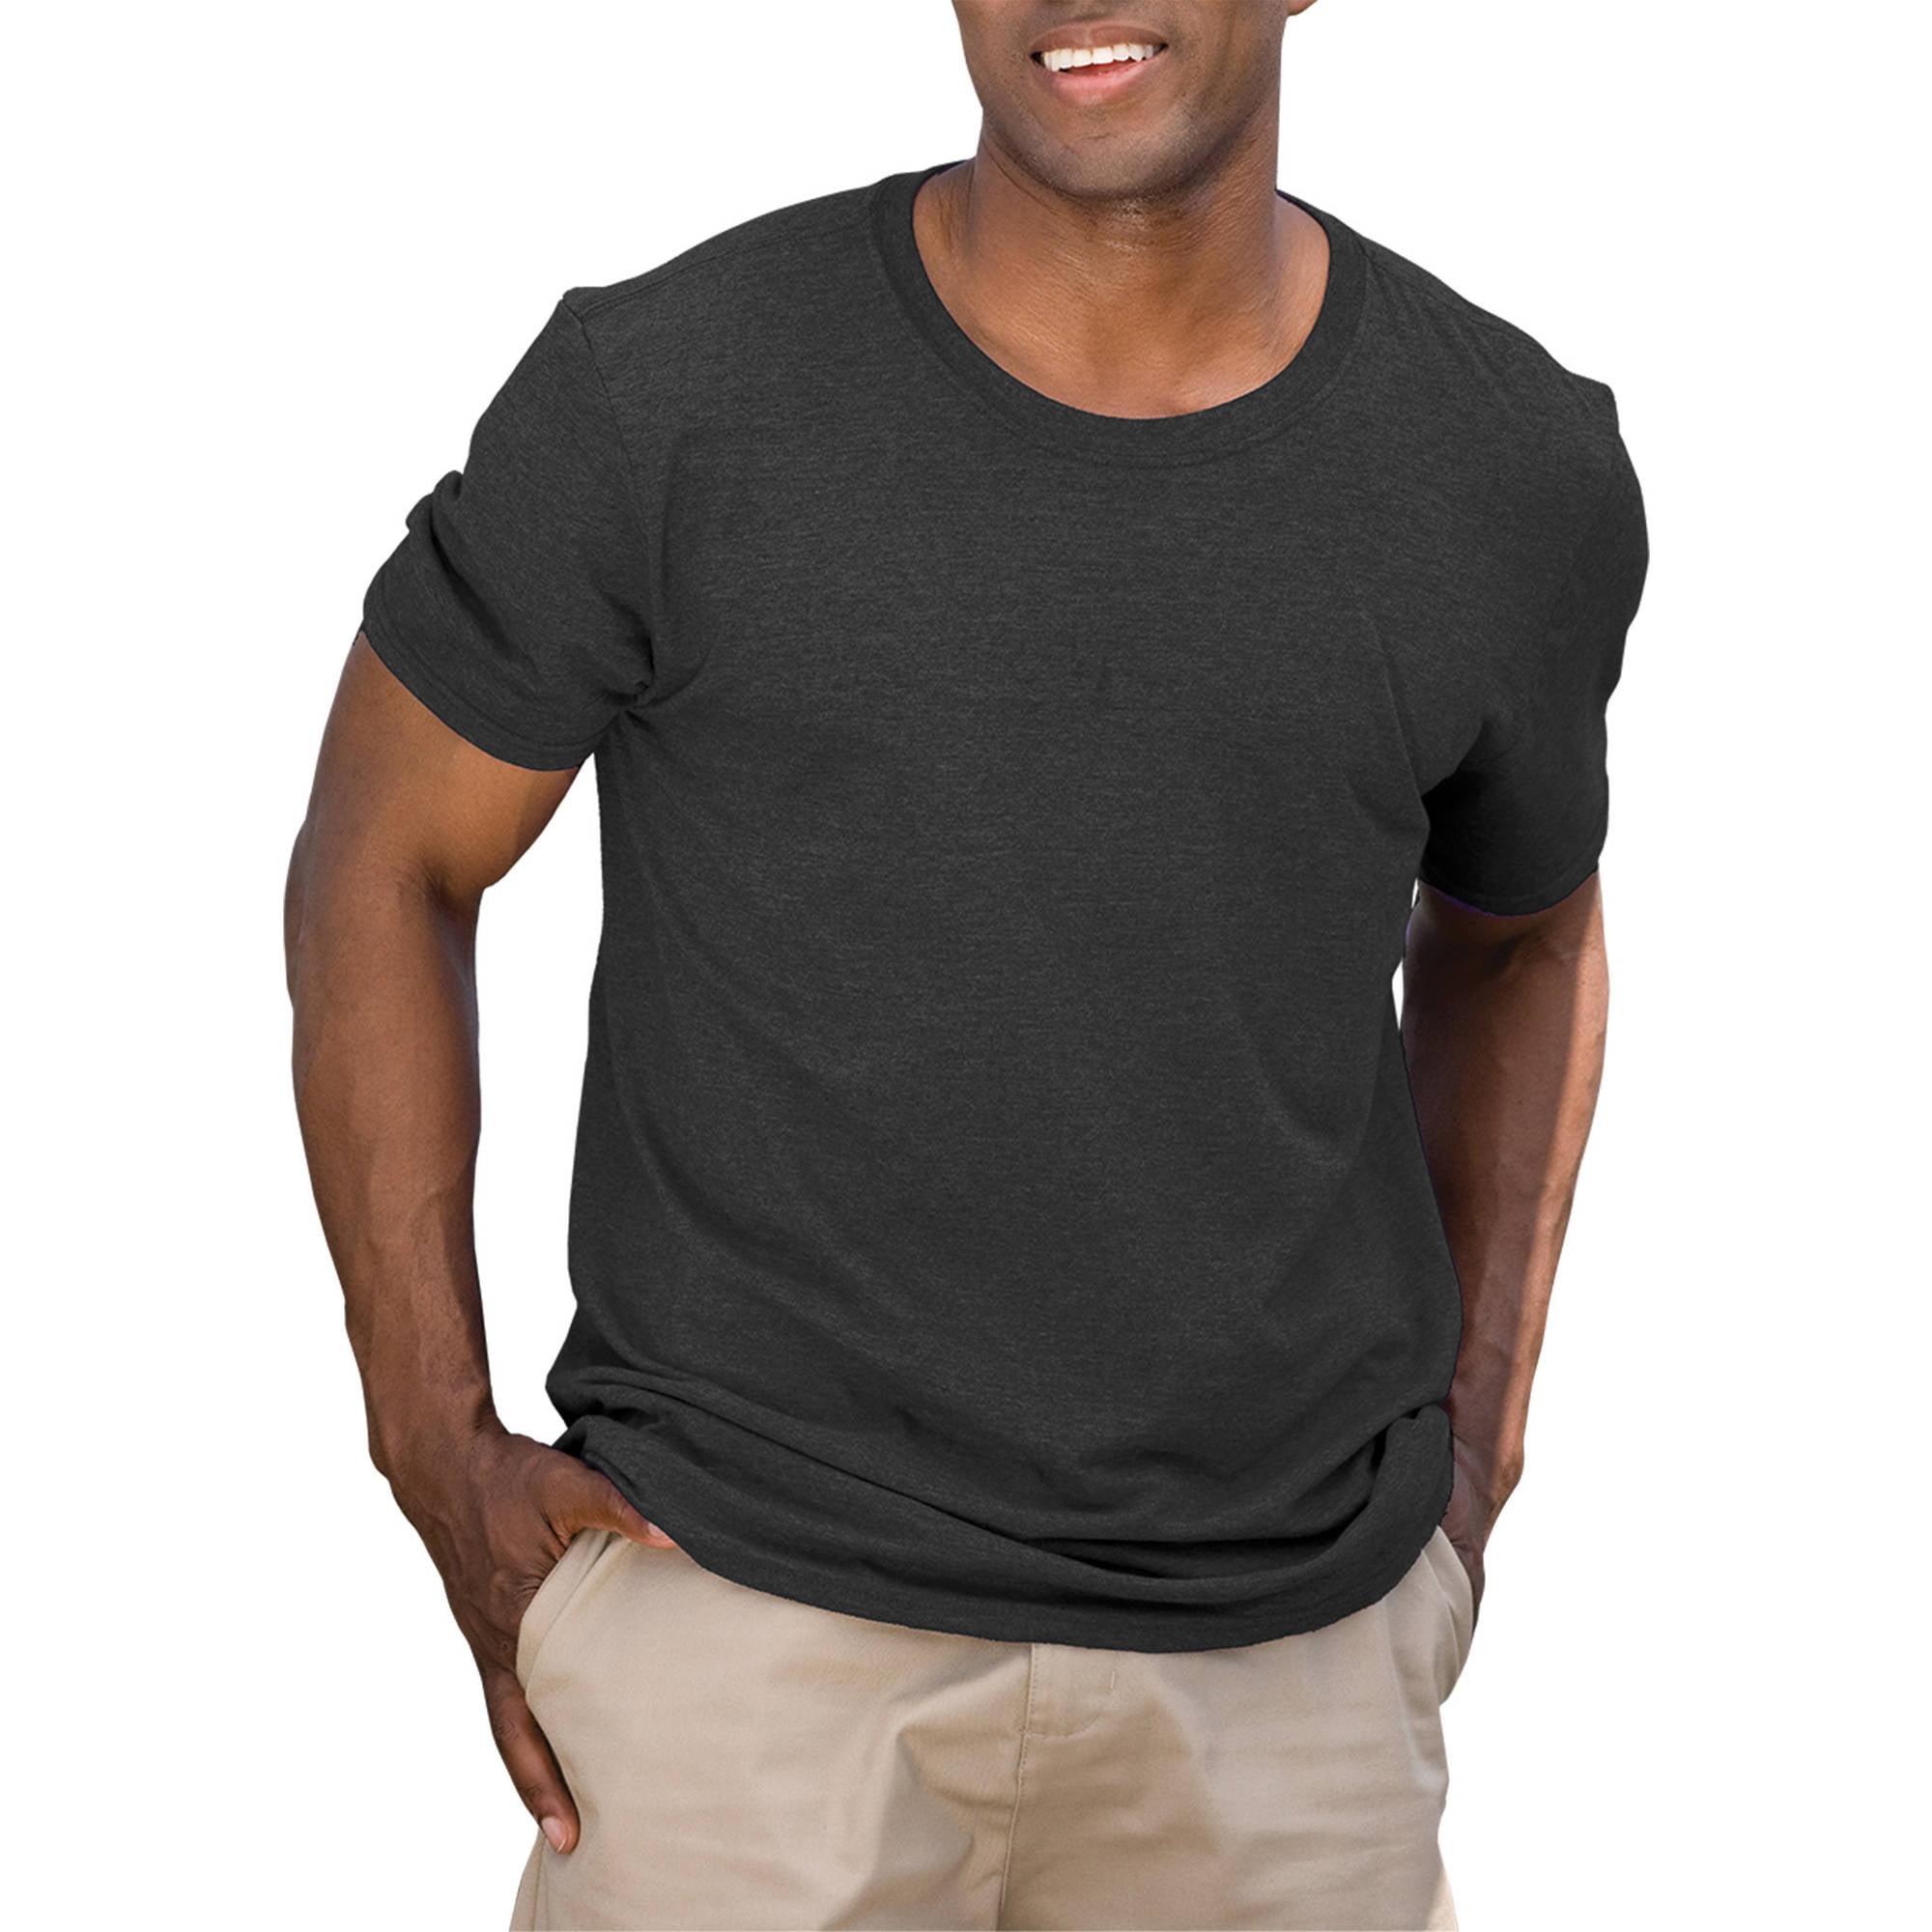 Gildan Mens Fitted Short Sleeve T-Shirt